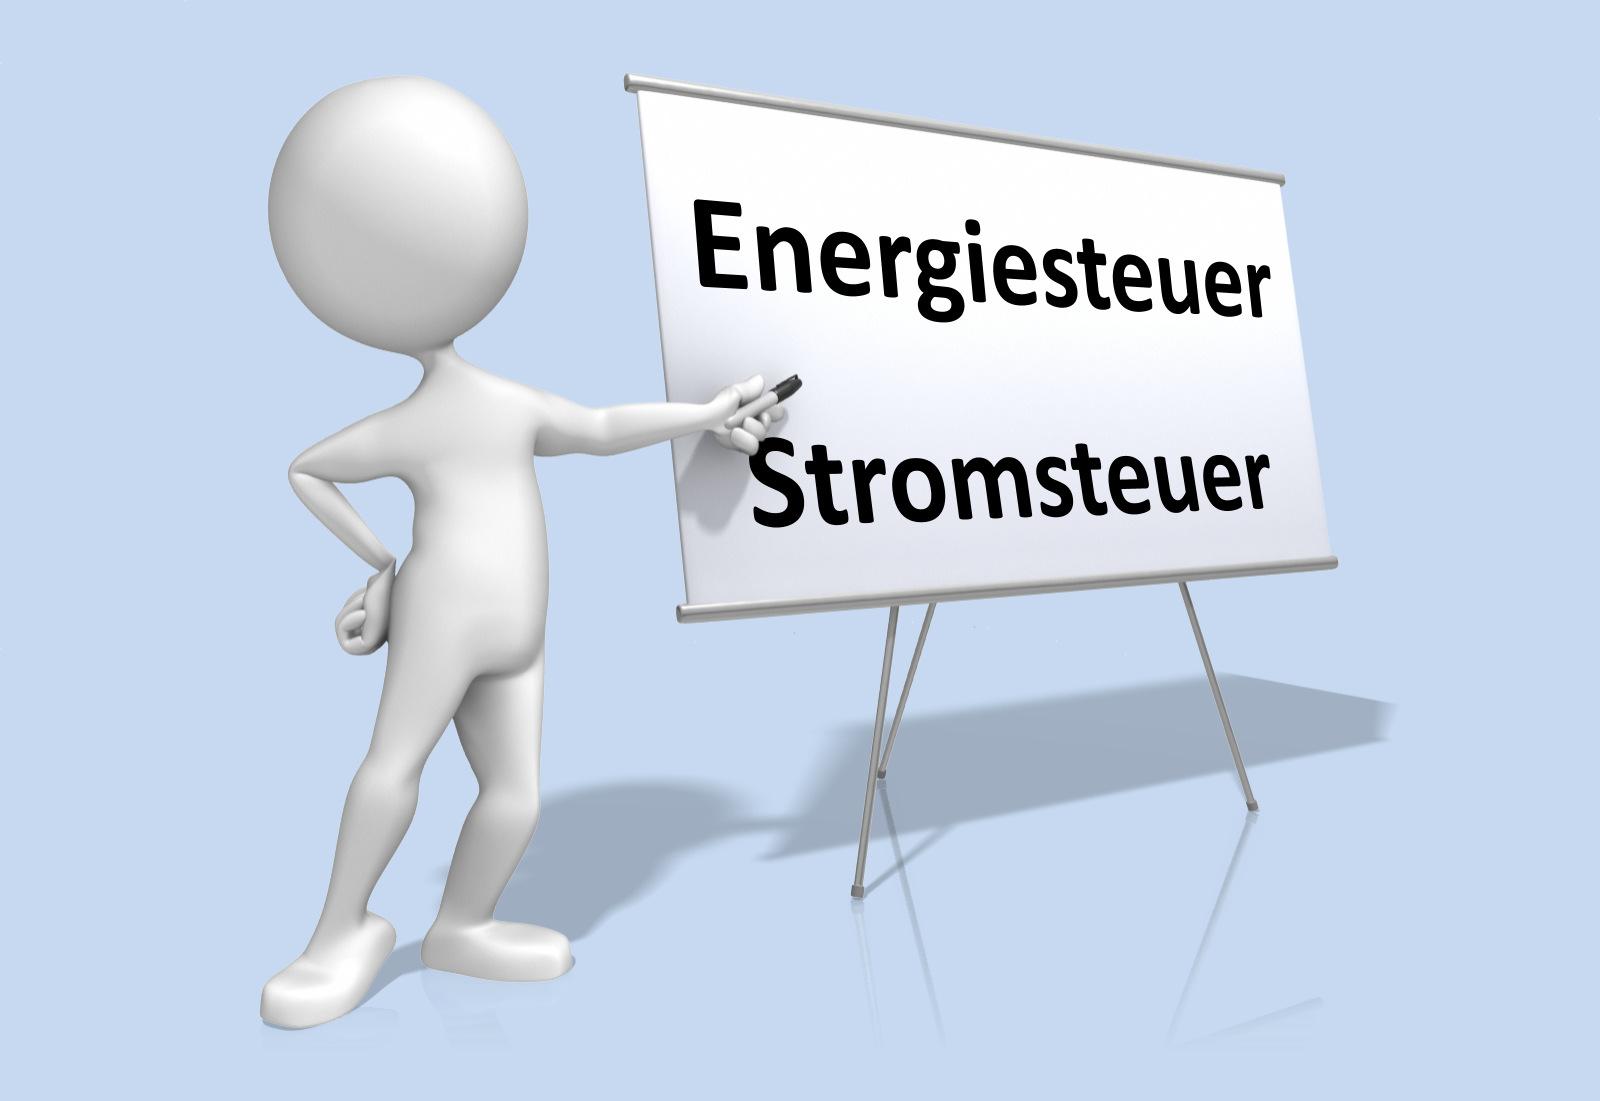 Das BHKW-Infozentrum und BHKW-Consult bieten neue Intensivseminare zum aktuellen Energie- und Stromsteuergesetz an. (Bild: BHKW-Infozentrum / presentermedia)